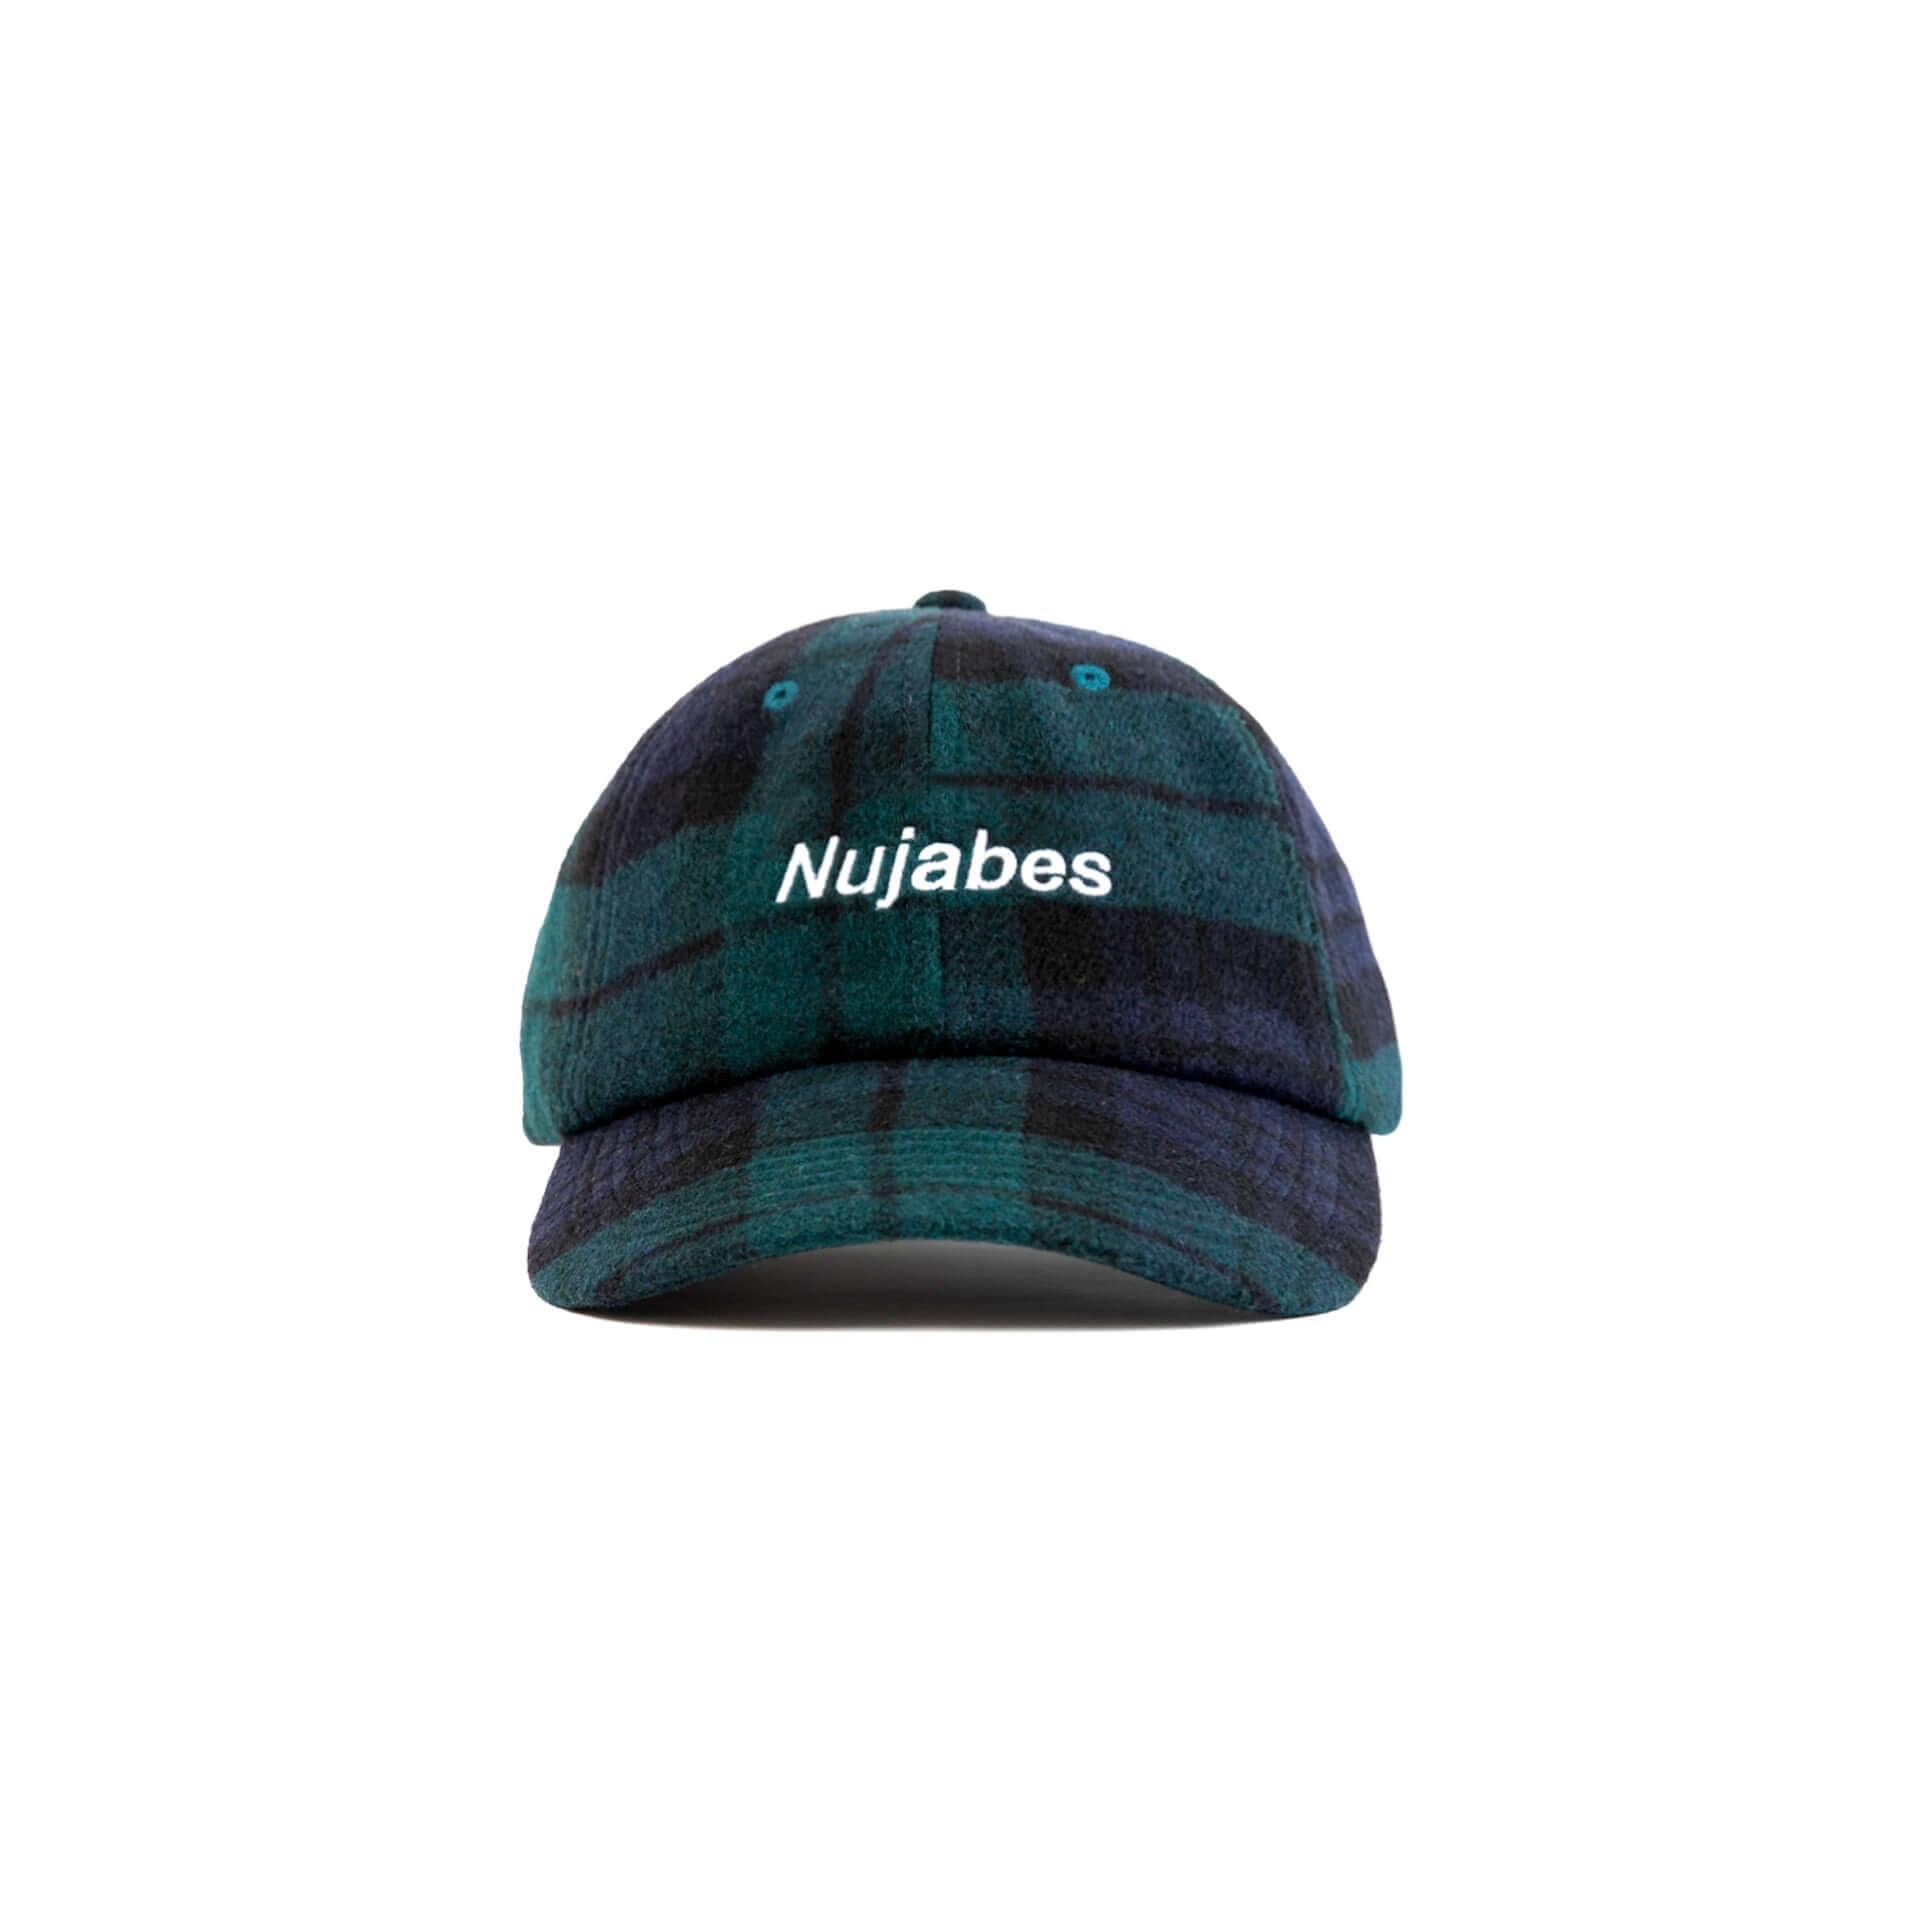 Nujabesの公式ポップアップにフーディー、ロングスリーブなどの新商品が続々登場!冬にぴったりなウールキャップやルームパンツも lf201110_nujabes-popup_5-1920x1920